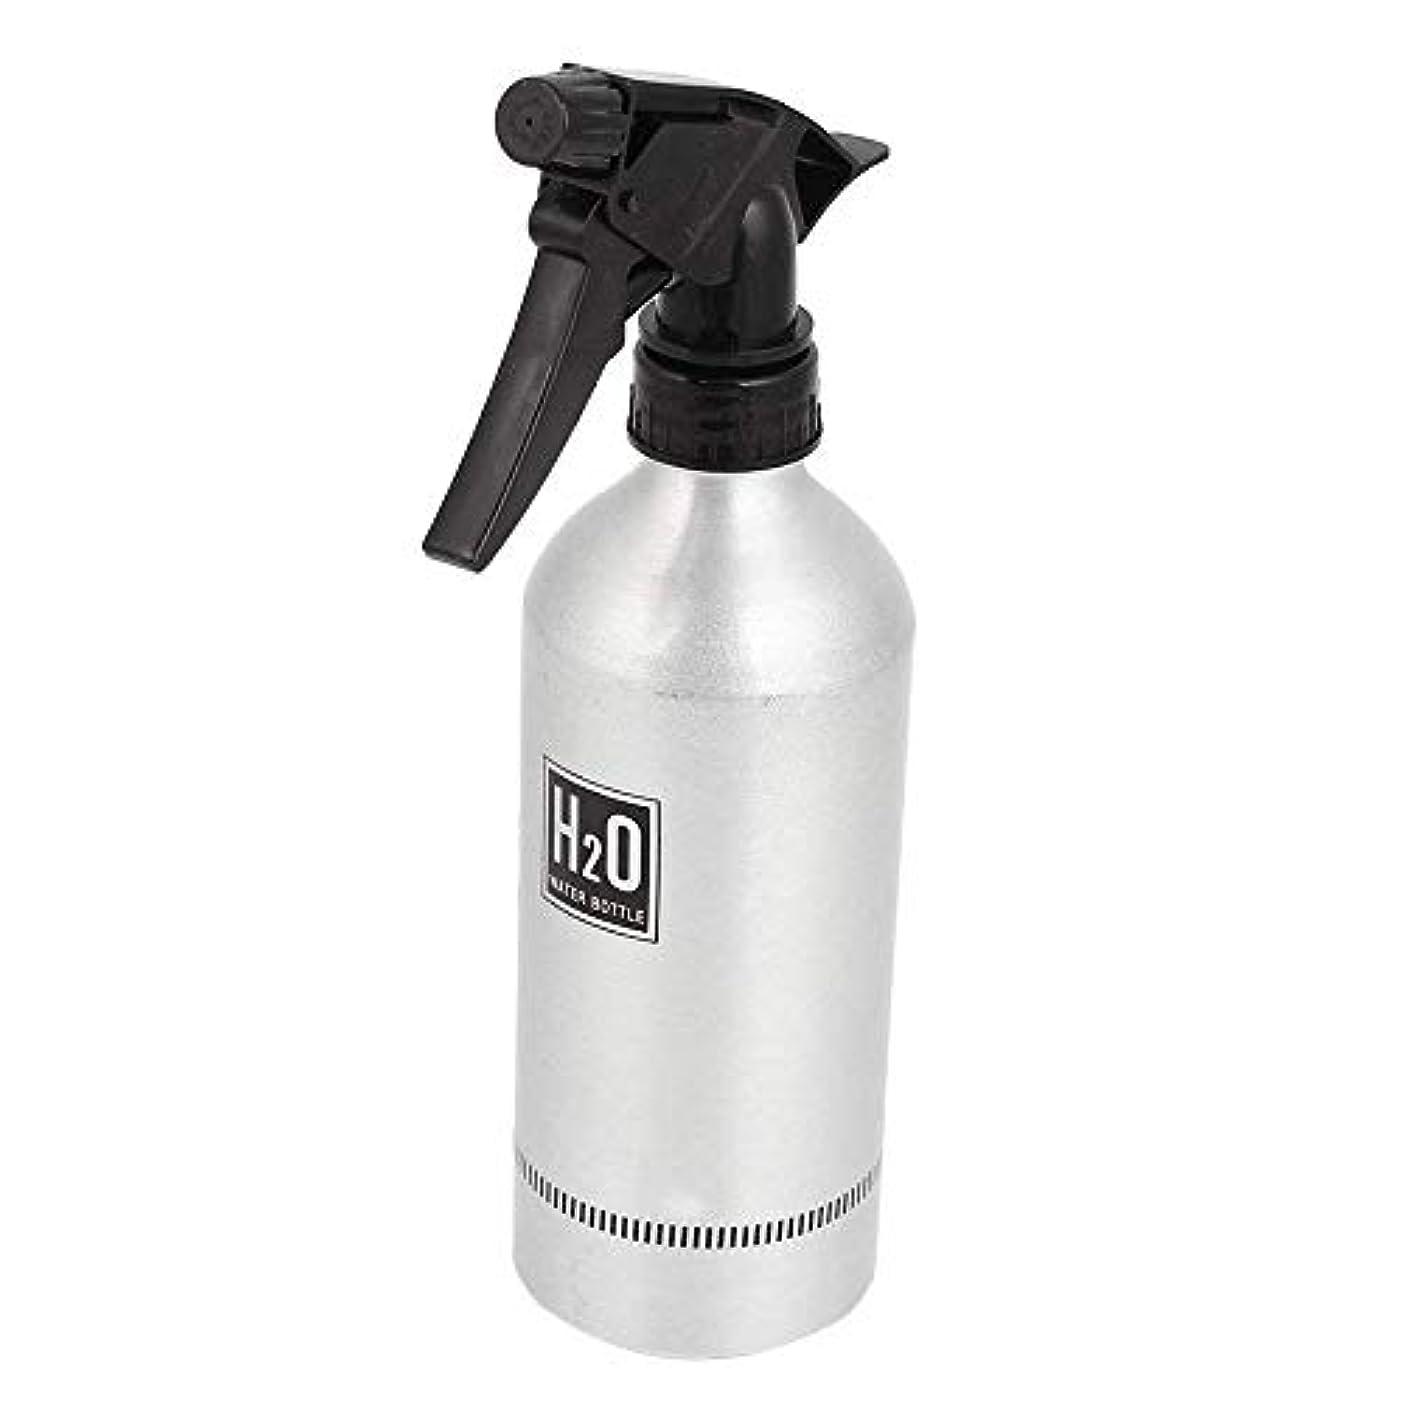 の慈悲で付録閉じるOnior アルミ スプレー缶 水髪器 スプレー スプレーボトル 美容ツール サロン 理髪師 美容師 清潔 クリーニング 500ミリリットル